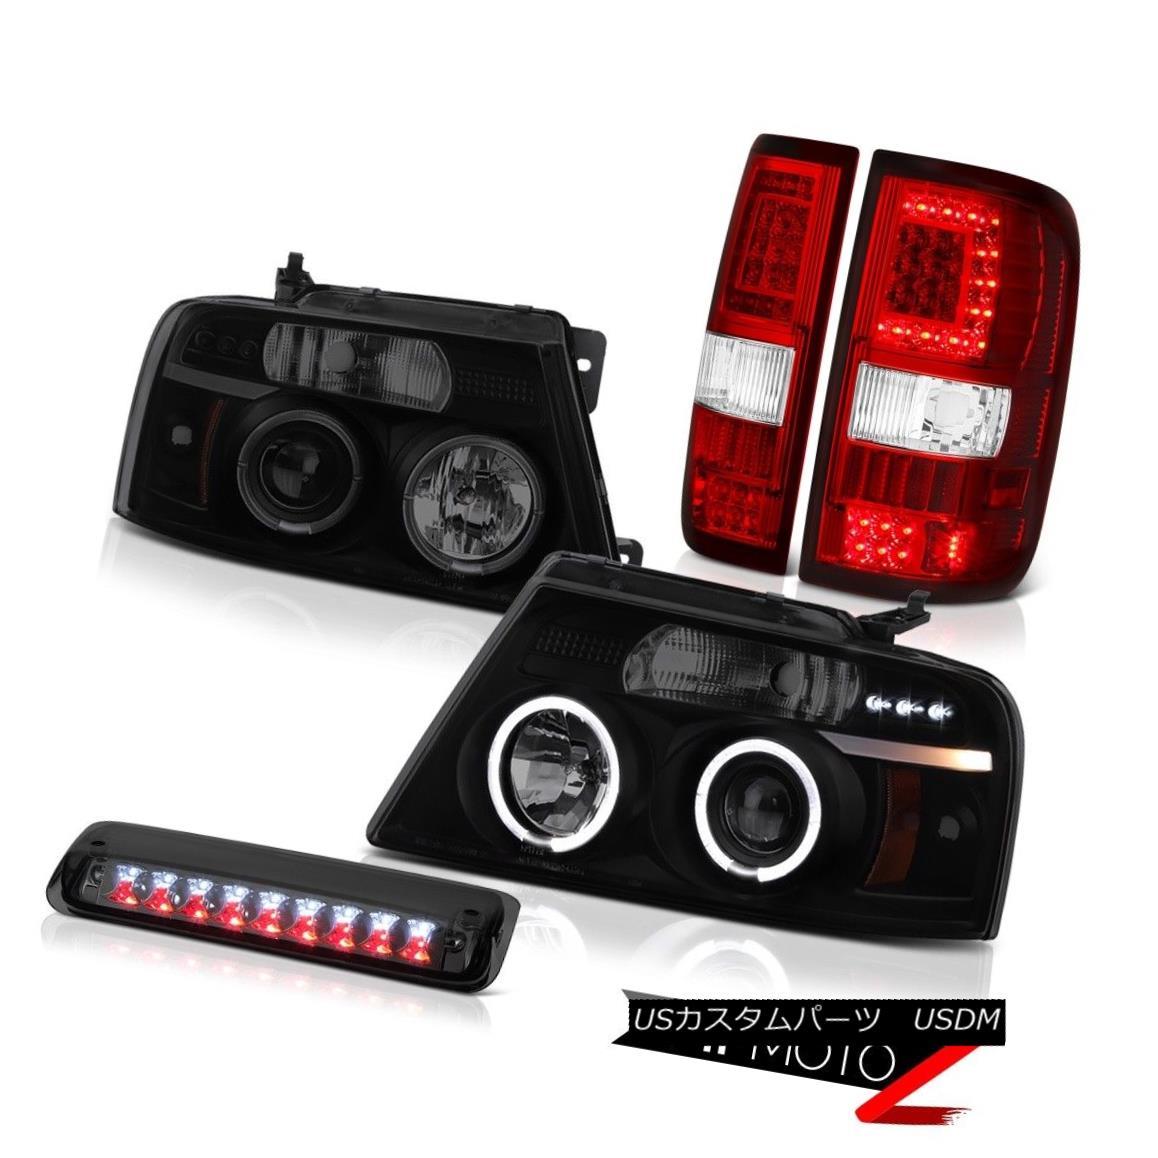 テールライト 04-08 Ford F150 Wine Red Tail Lights 3Rd Brake Sinister Black Head Set Pair L+R 04-08 Ford F150ワインレッドテールライト3RdブレーキシニスターブラックヘッドセットペアL + R